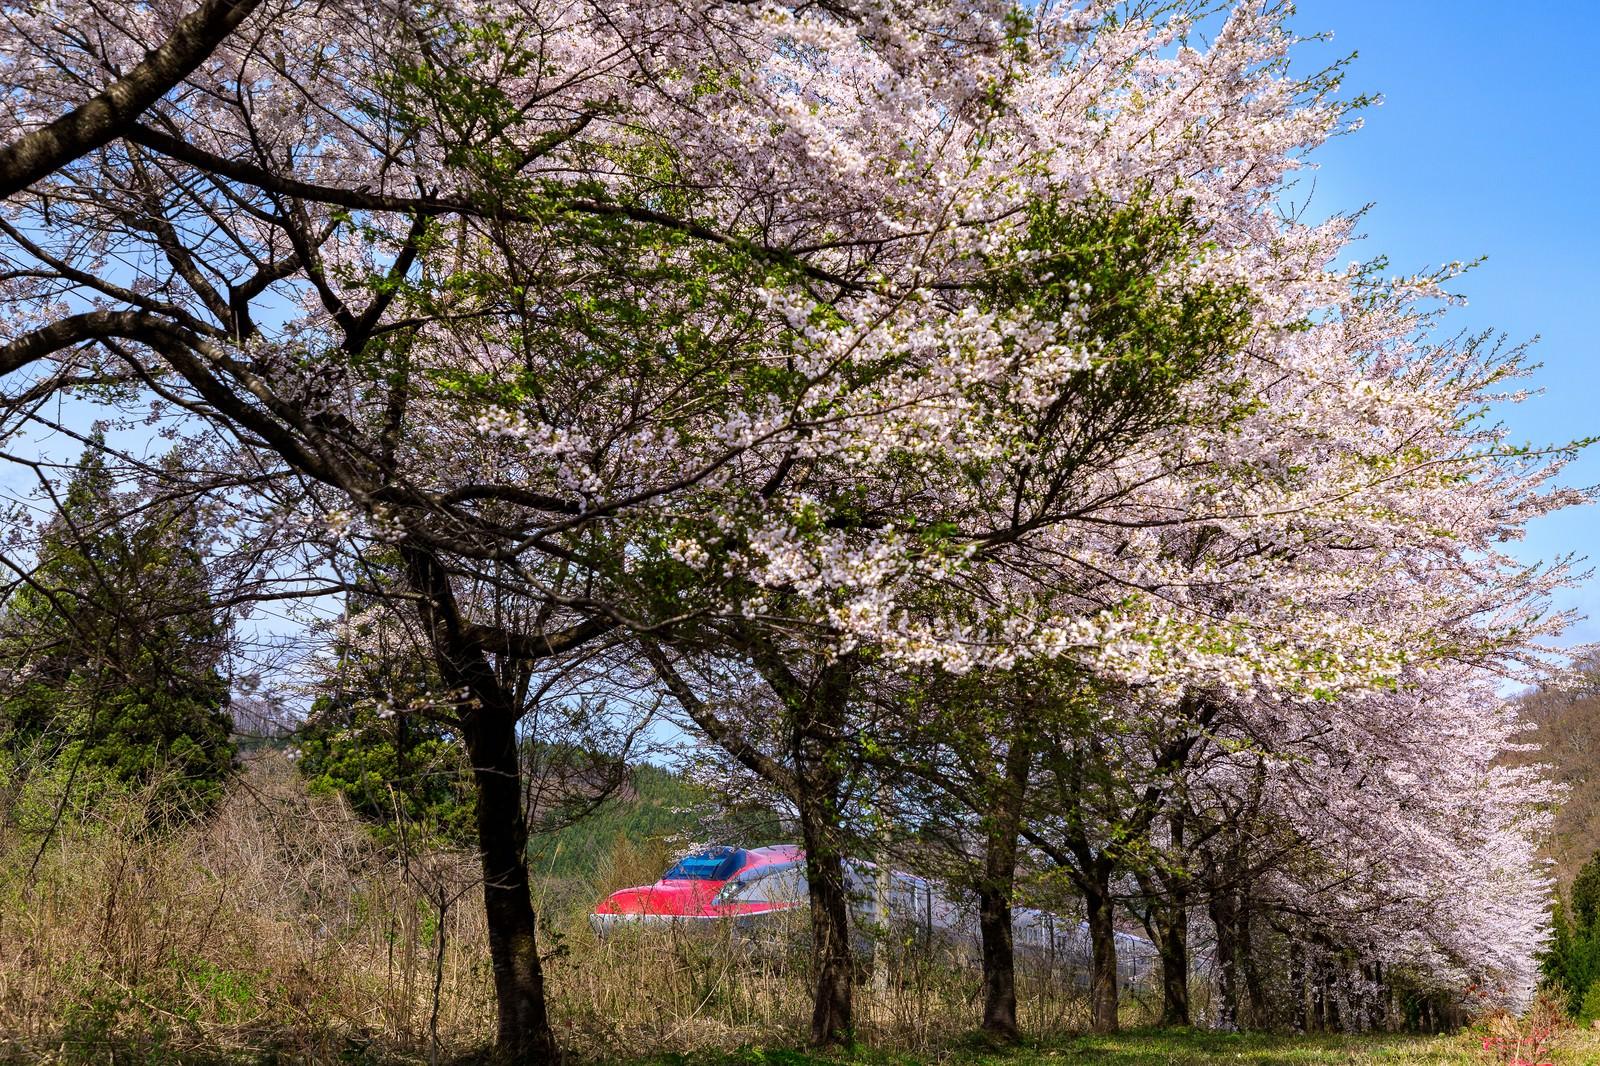 「桜並木から見える秋田新幹線(こまち)」の写真